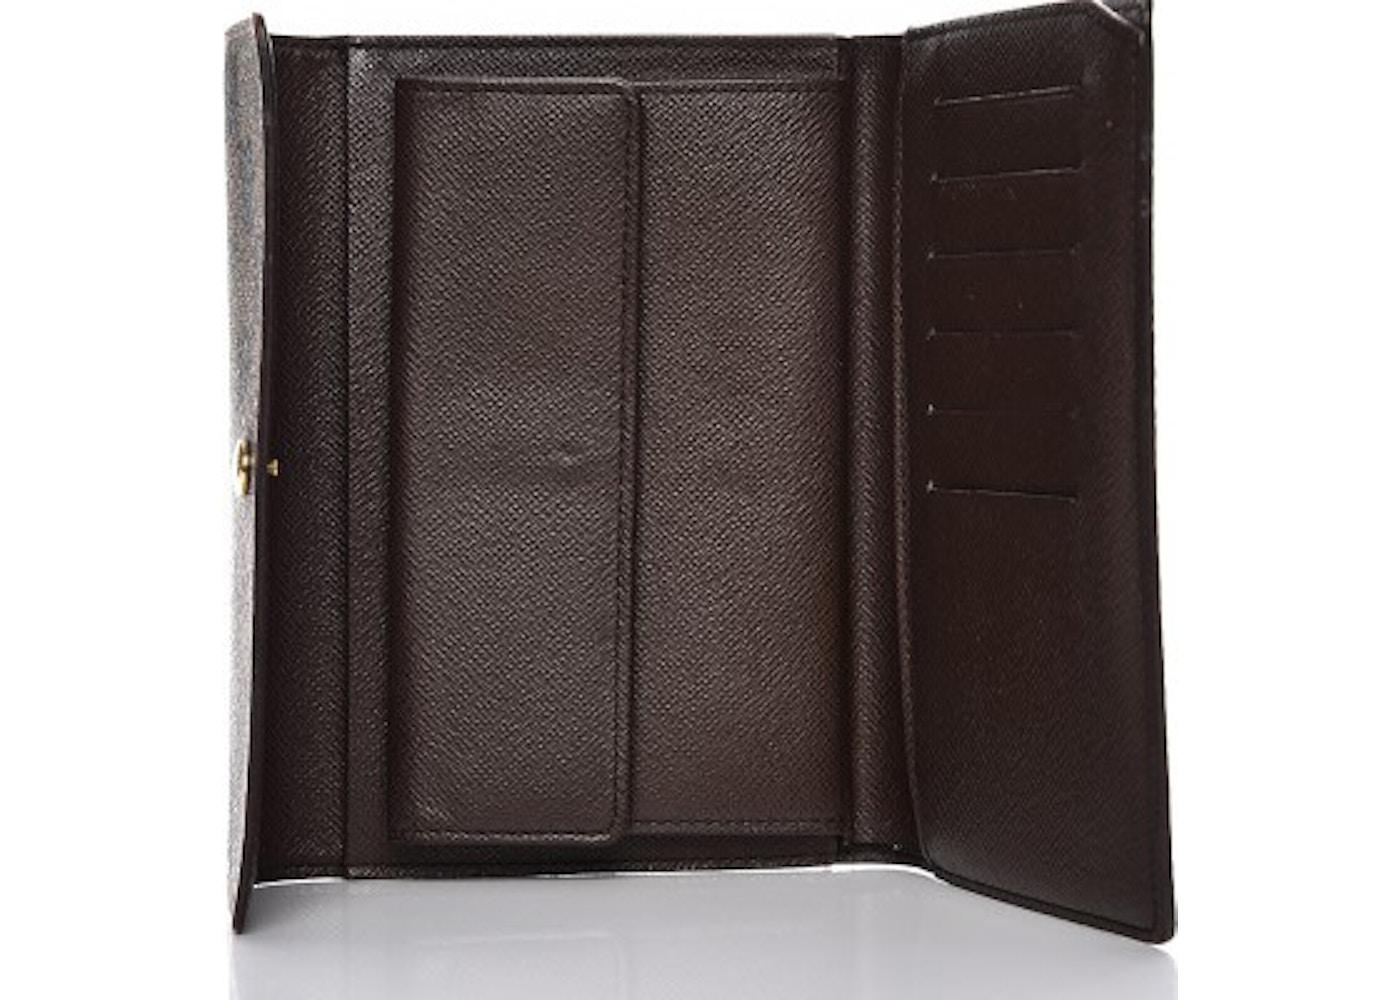 daf194d03fd4d Louis Vuitton Wallet Porte Tresor Etui Papier Damier Ebene Brown